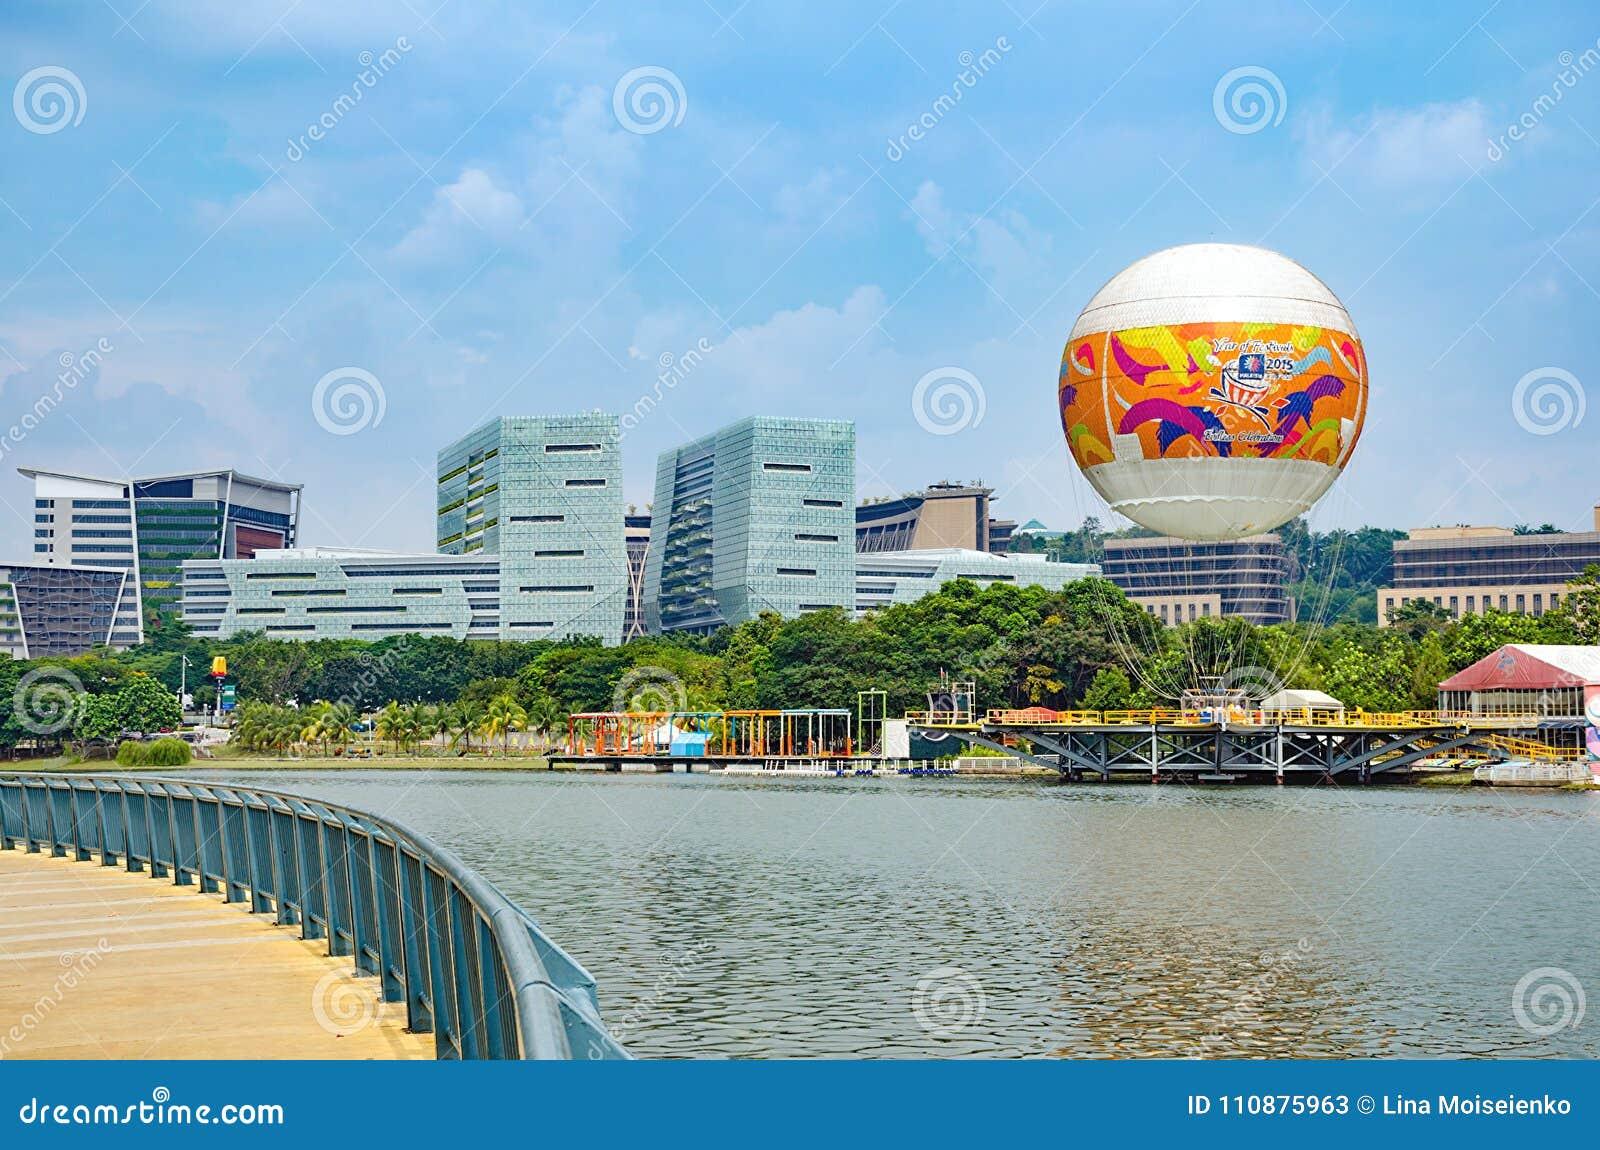 Modernt stadslandskap - dragningsflyget i ballong för varm luft i Skyrides festivaler parkerar Putrajaya